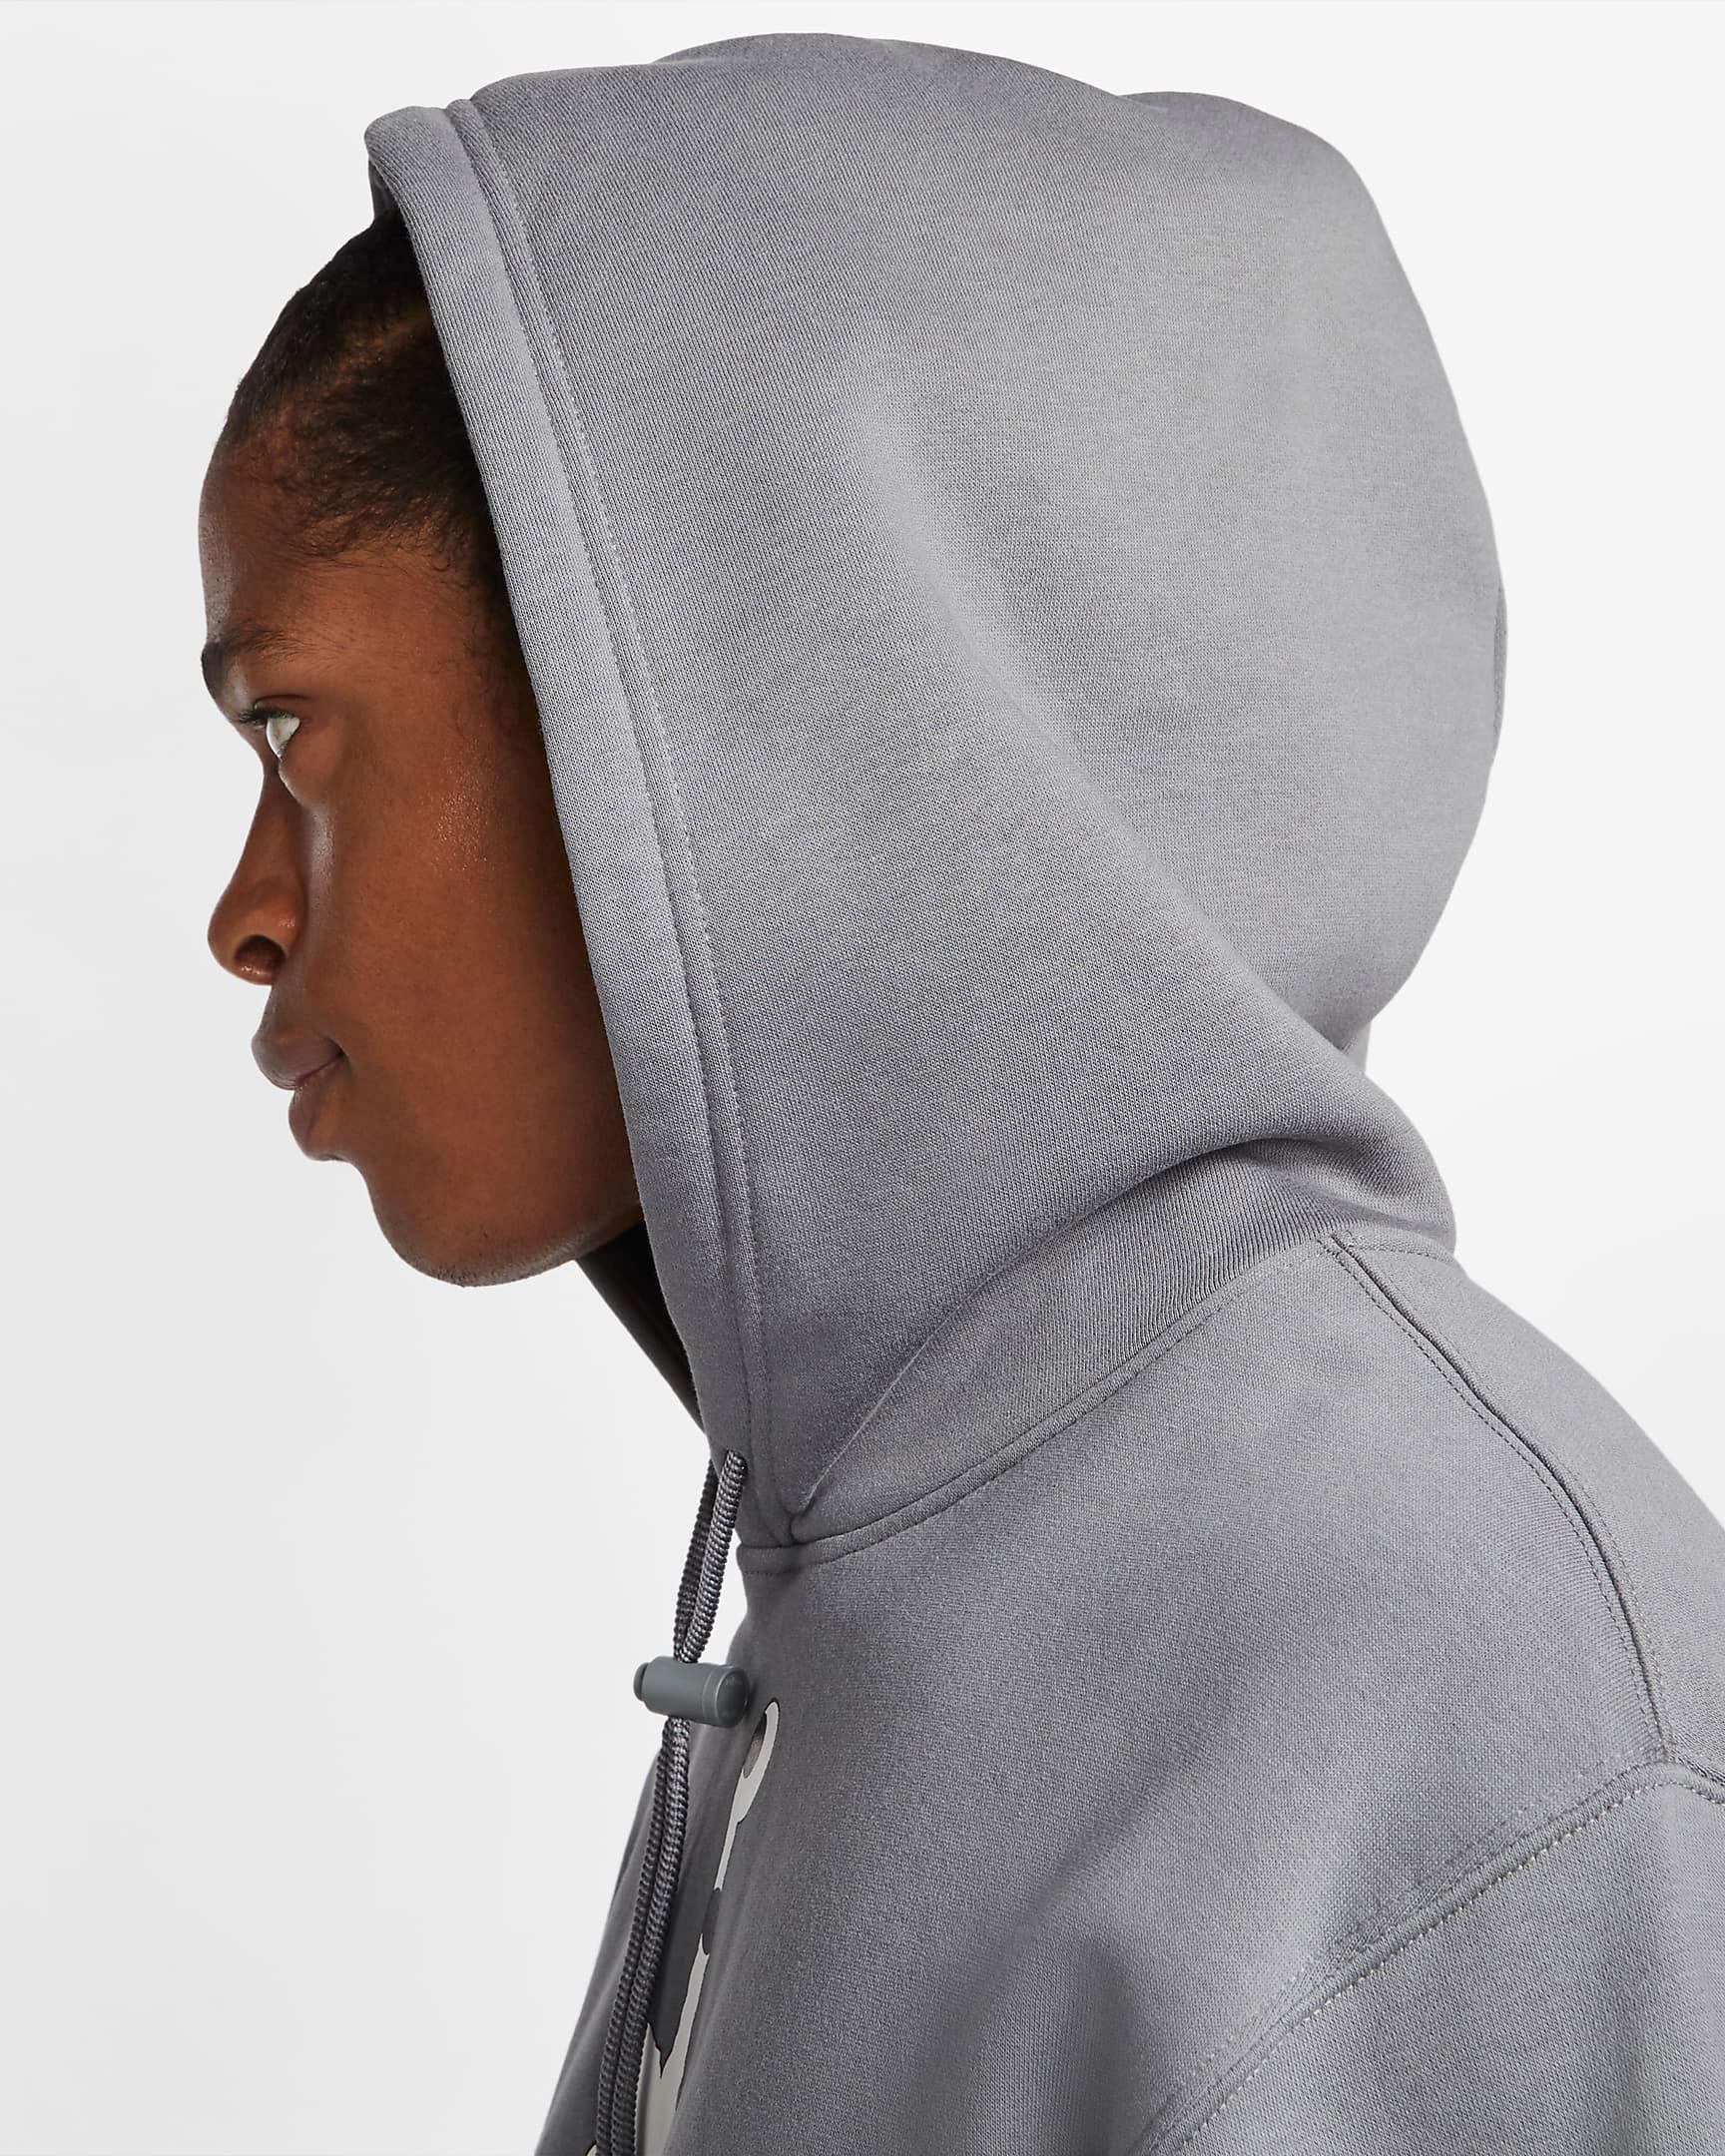 where-to-buy-air-jordan-3-cool-grey-2021-hoodie-3